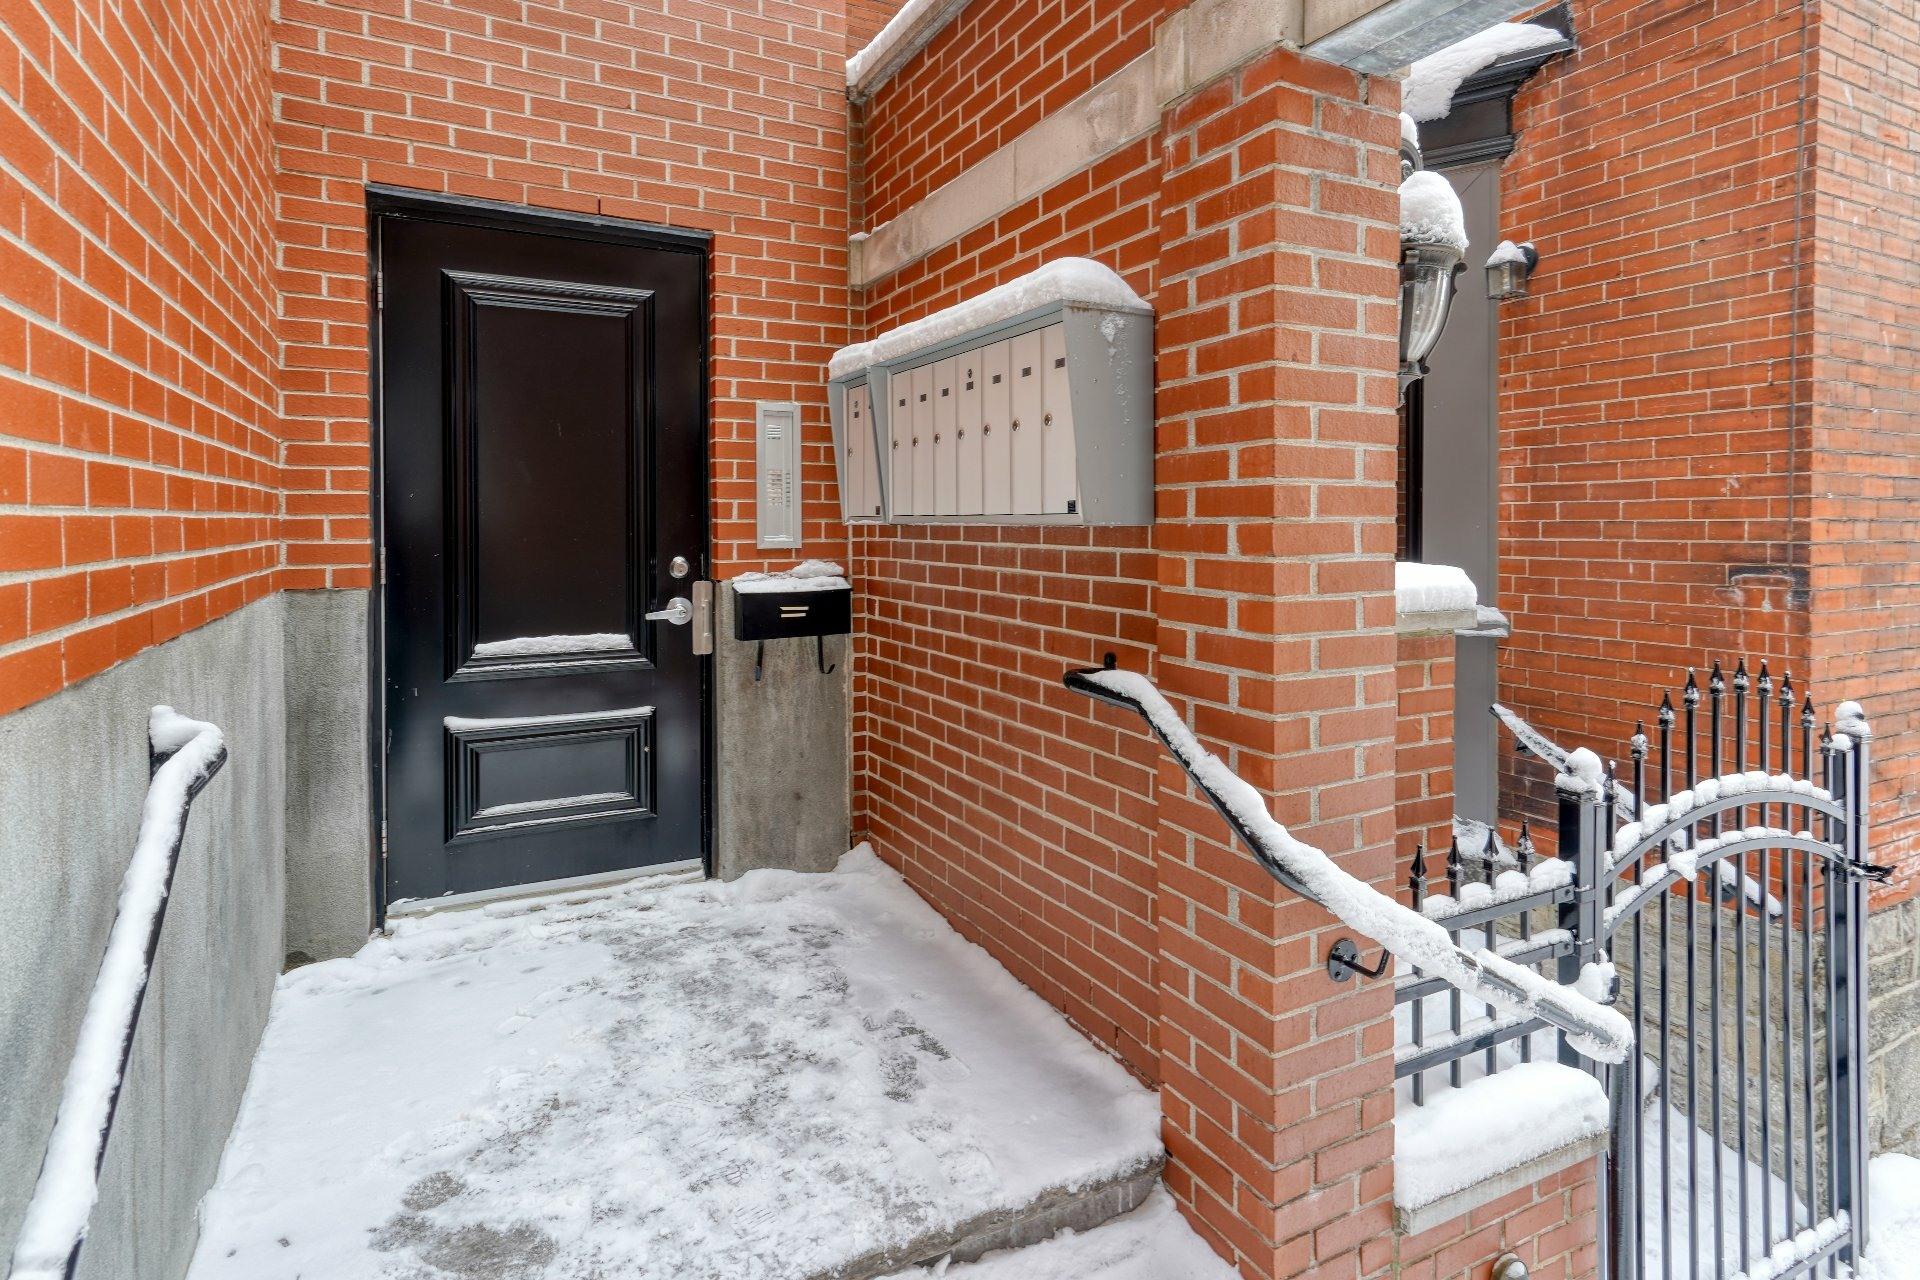 image 21 - Appartement À vendre Le Plateau-Mont-Royal Montréal  - 3 pièces